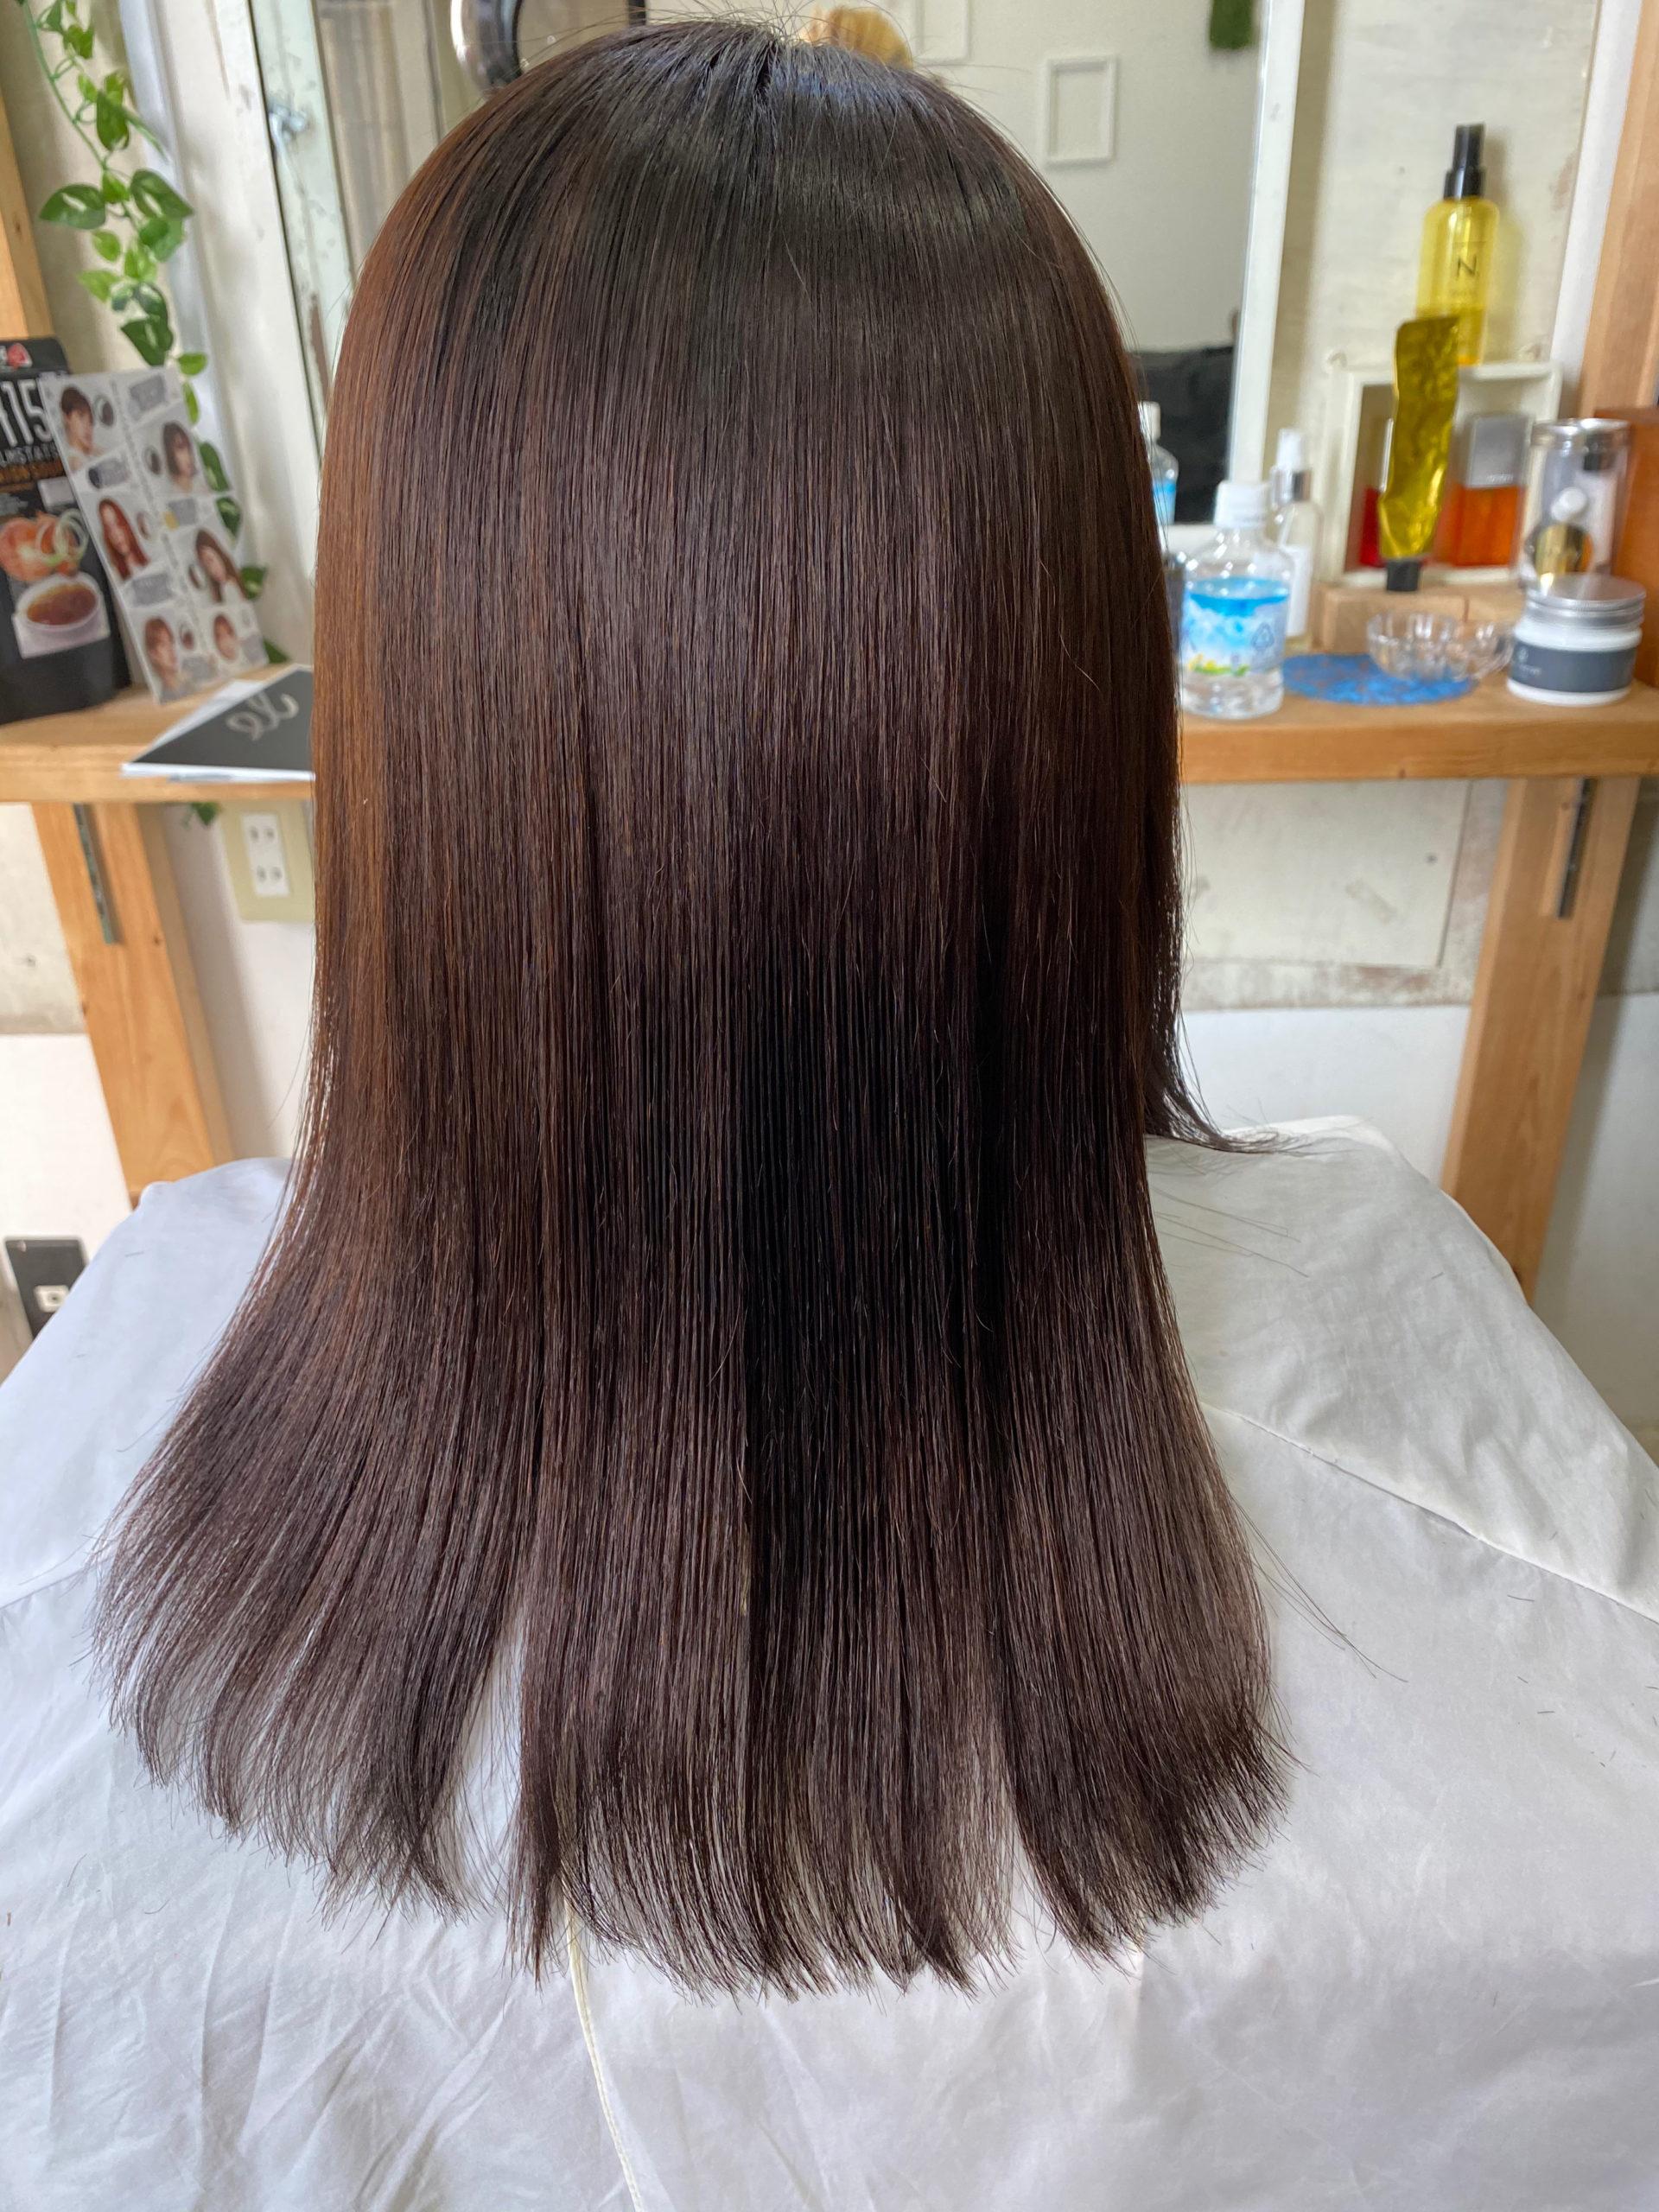 軟毛の縮毛矯正でつやっつやの艶髪。原宿・表参道『髪のお悩みを解決するヘアケア美容師の挑戦』